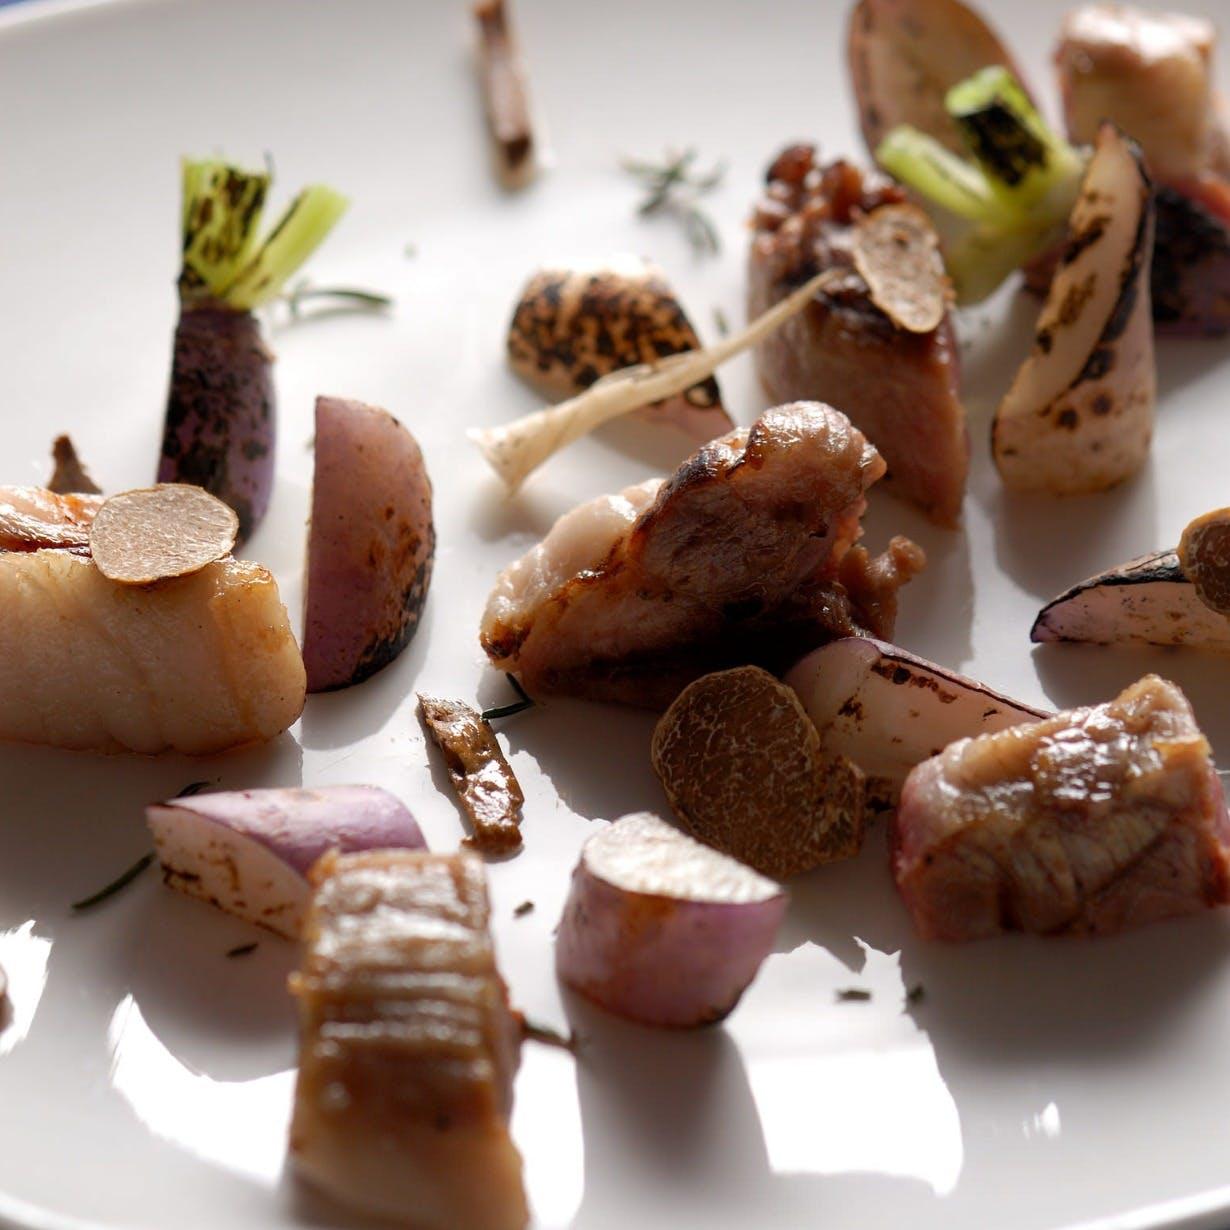 広島と山形の食材をふんだんに使った奥田流イタリアン